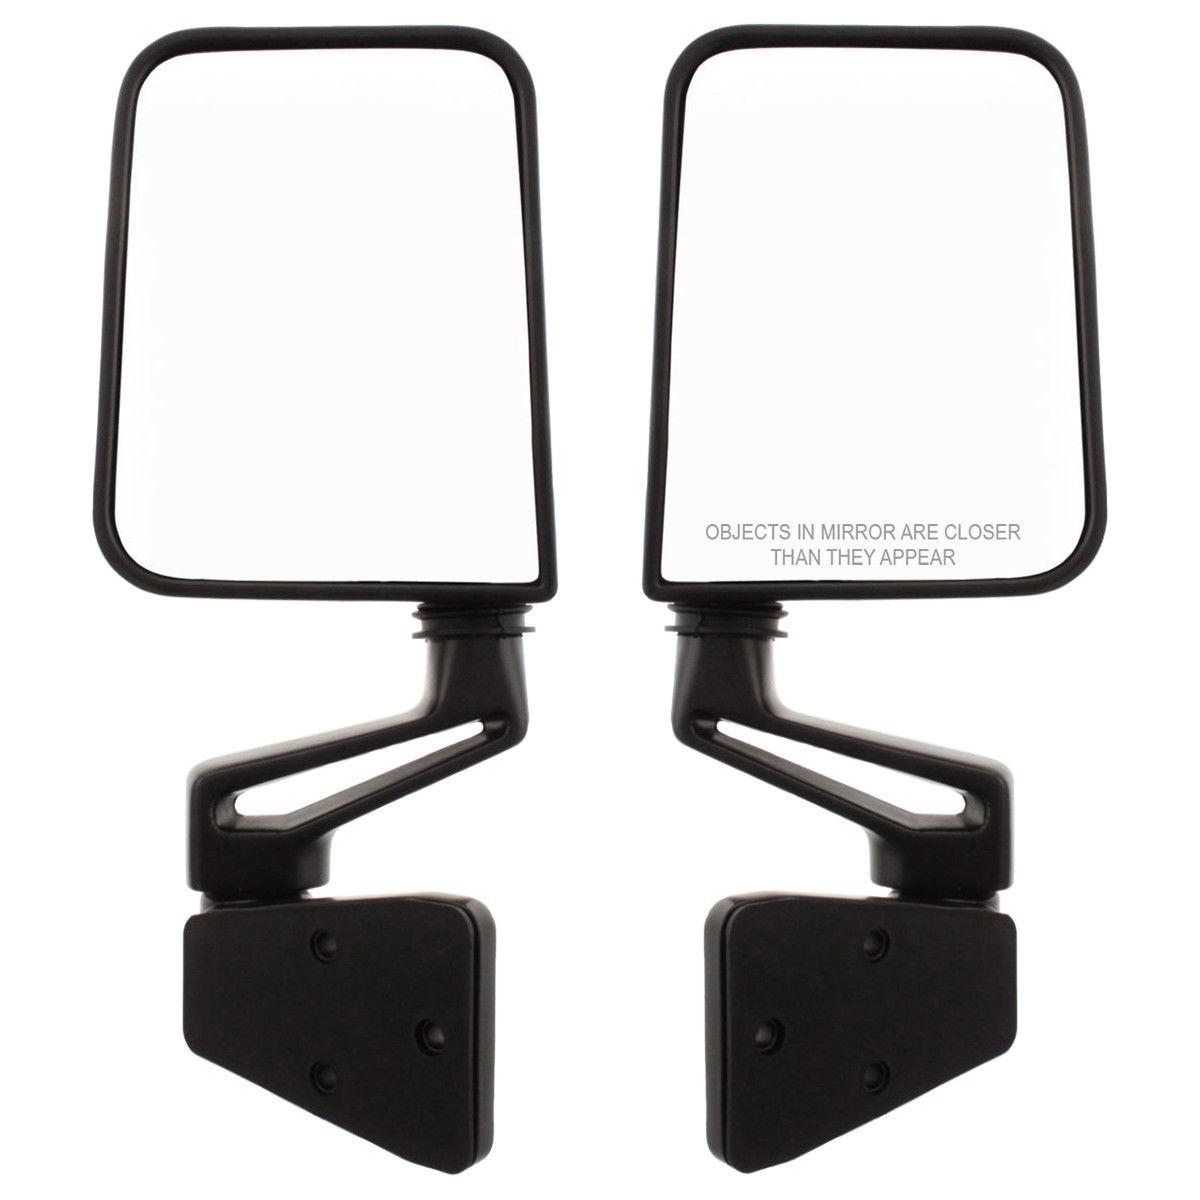 ミラー New Set of 2 Manual Door Mirrors LH & RH Side for Jeep Wrangler 1994-2002 Pair 新しい2つの手動ドアミラーセットLH& ジープ・ラングラーのRH側1994-2002ペア